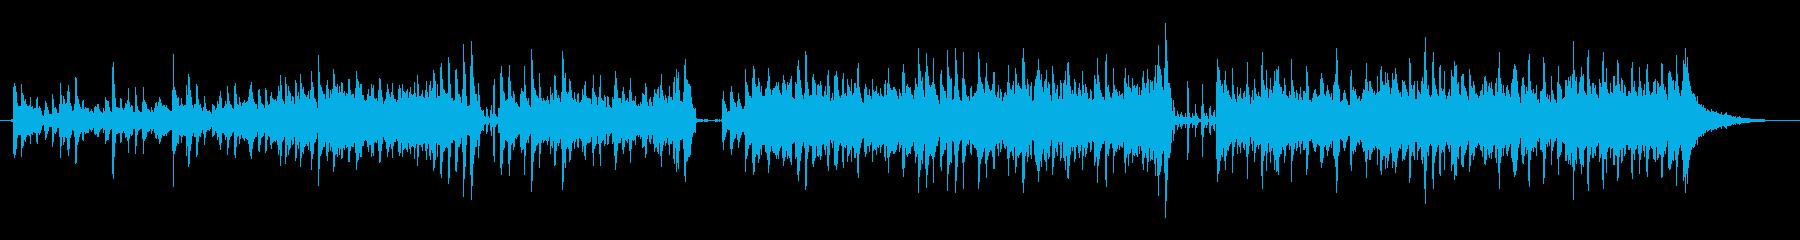 アコースティックカントリーブルーグ...の再生済みの波形